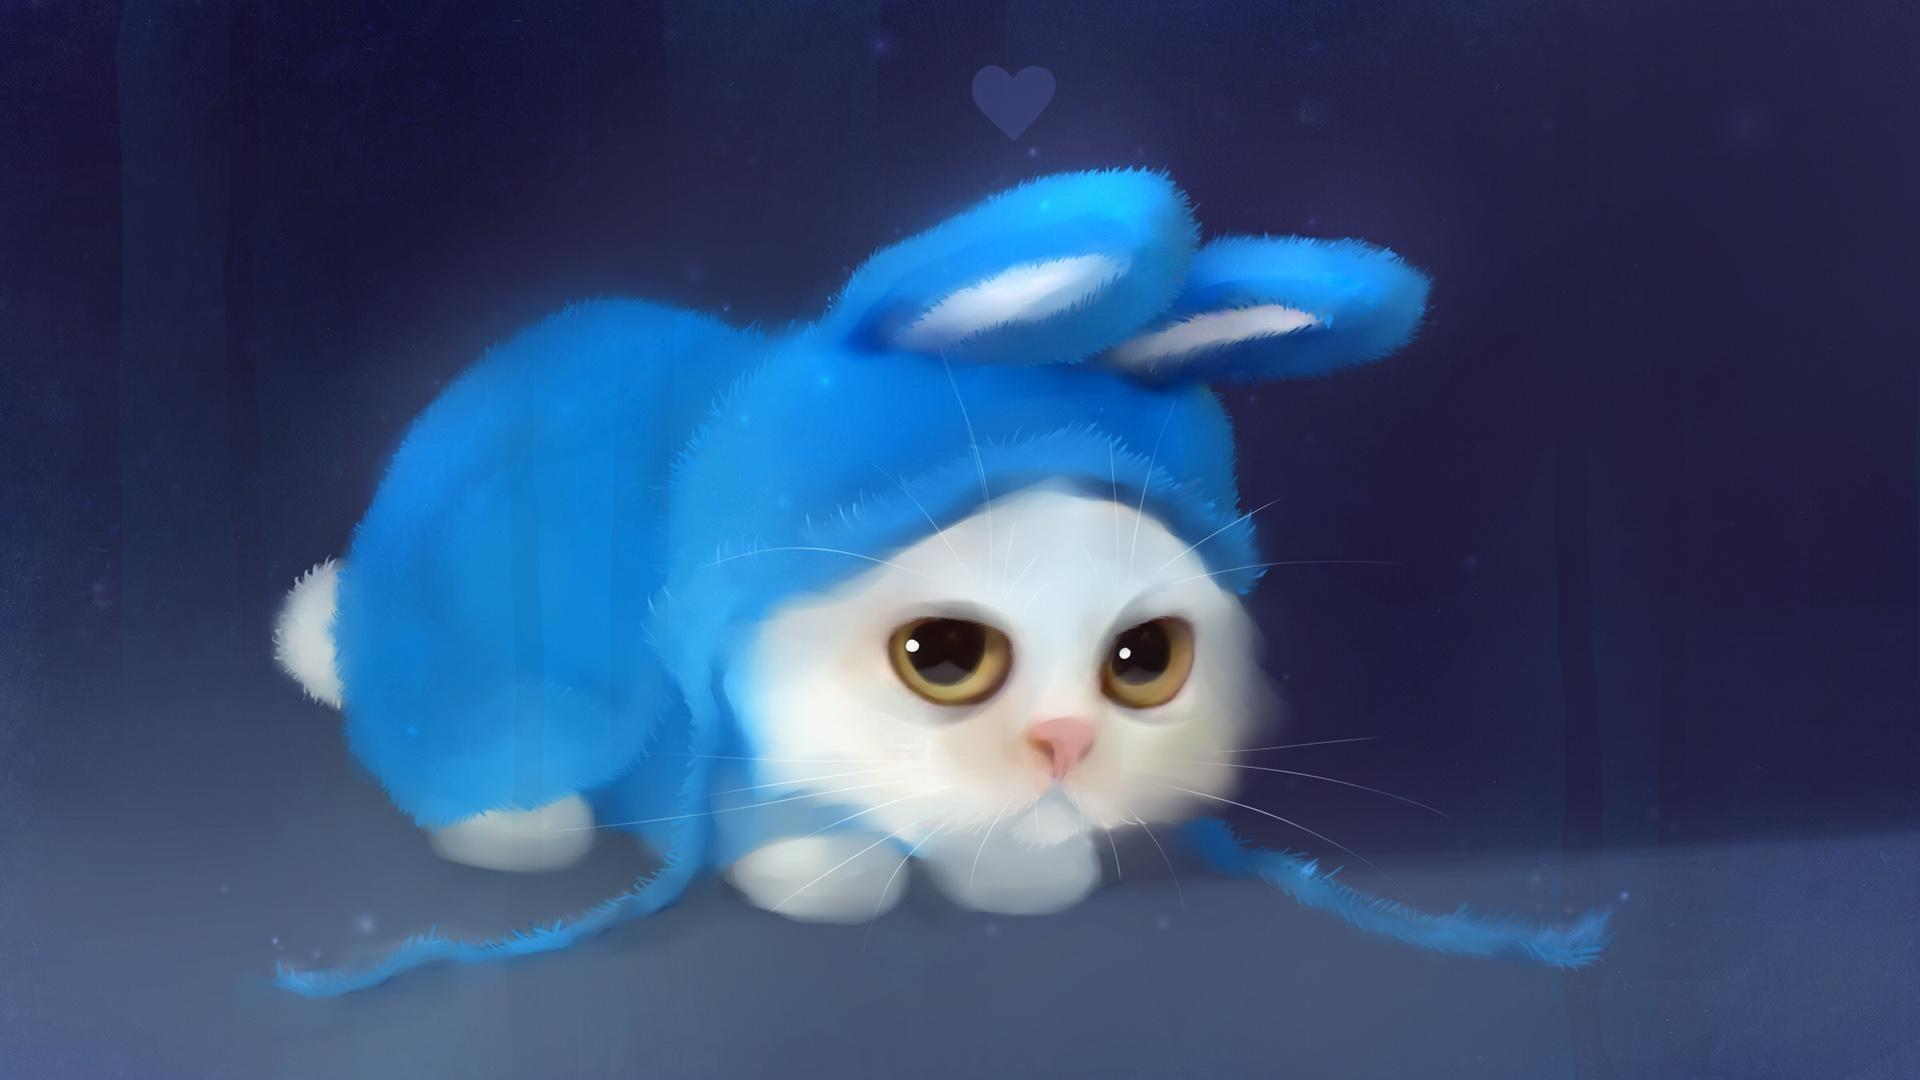 Hình nền mèo vẽ đáng yêu